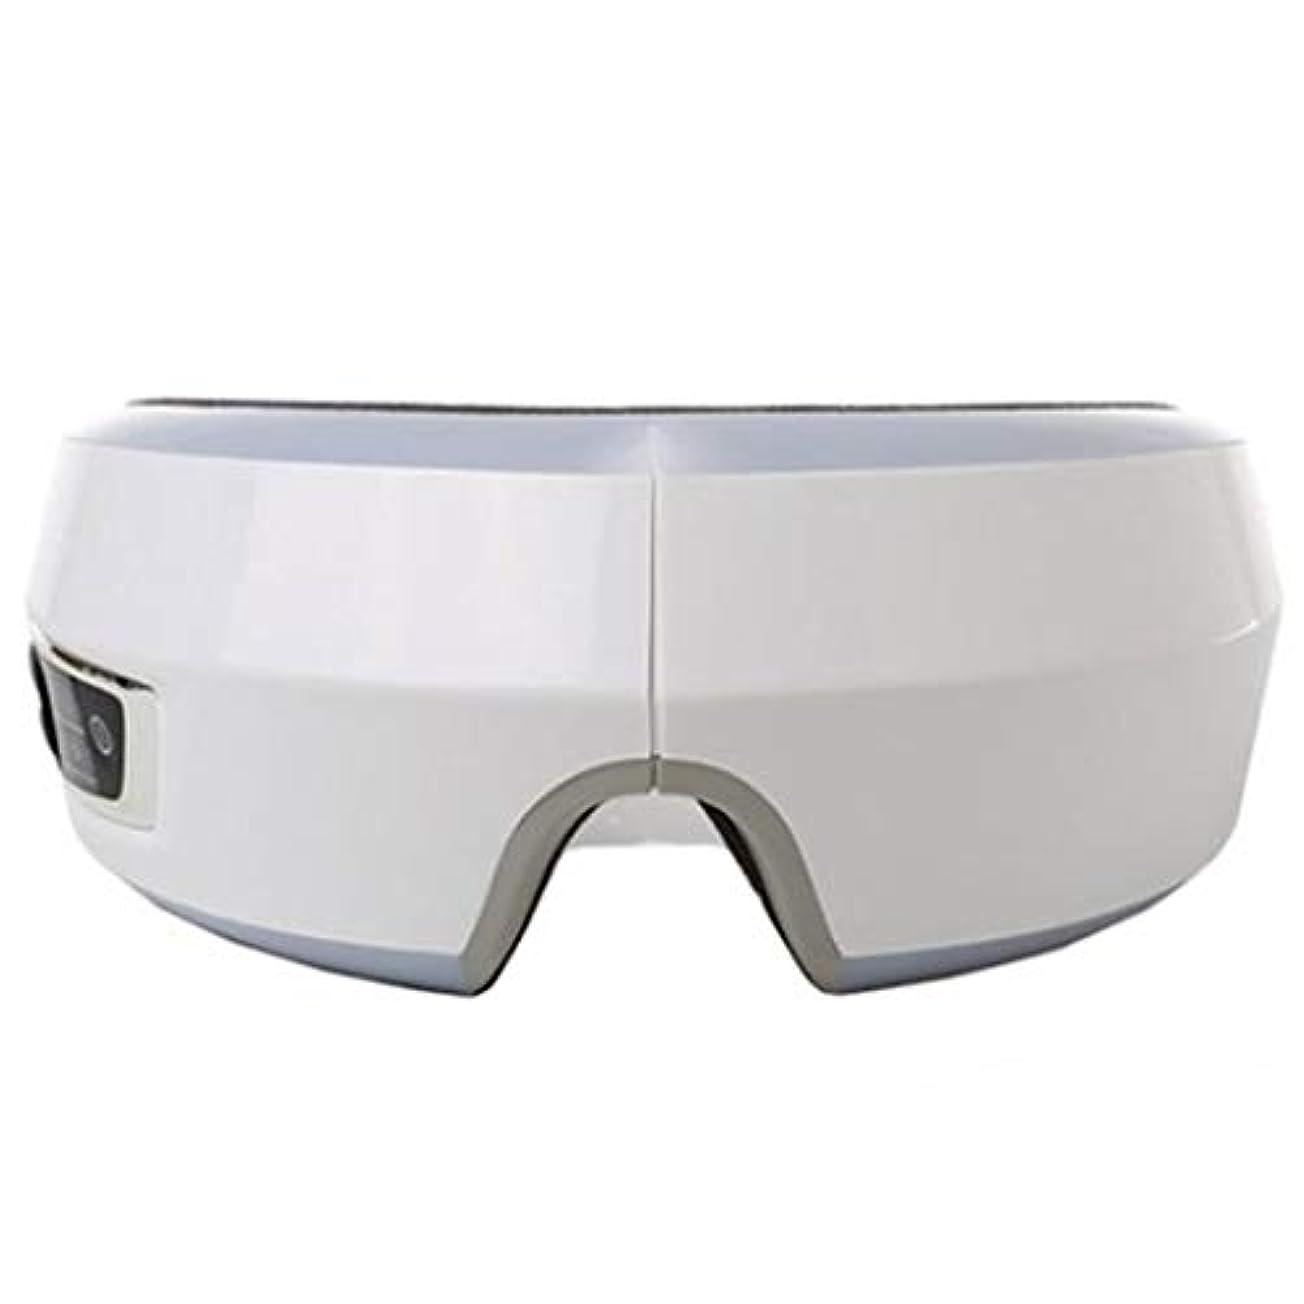 結論協力起業家ZESPAアイヒーリングソリューションアイマッサージャー振動加熱マッサージ音楽機能ZP441 ZESPA Eye Healing Solution Eye Massager Vibration Heating Massage...